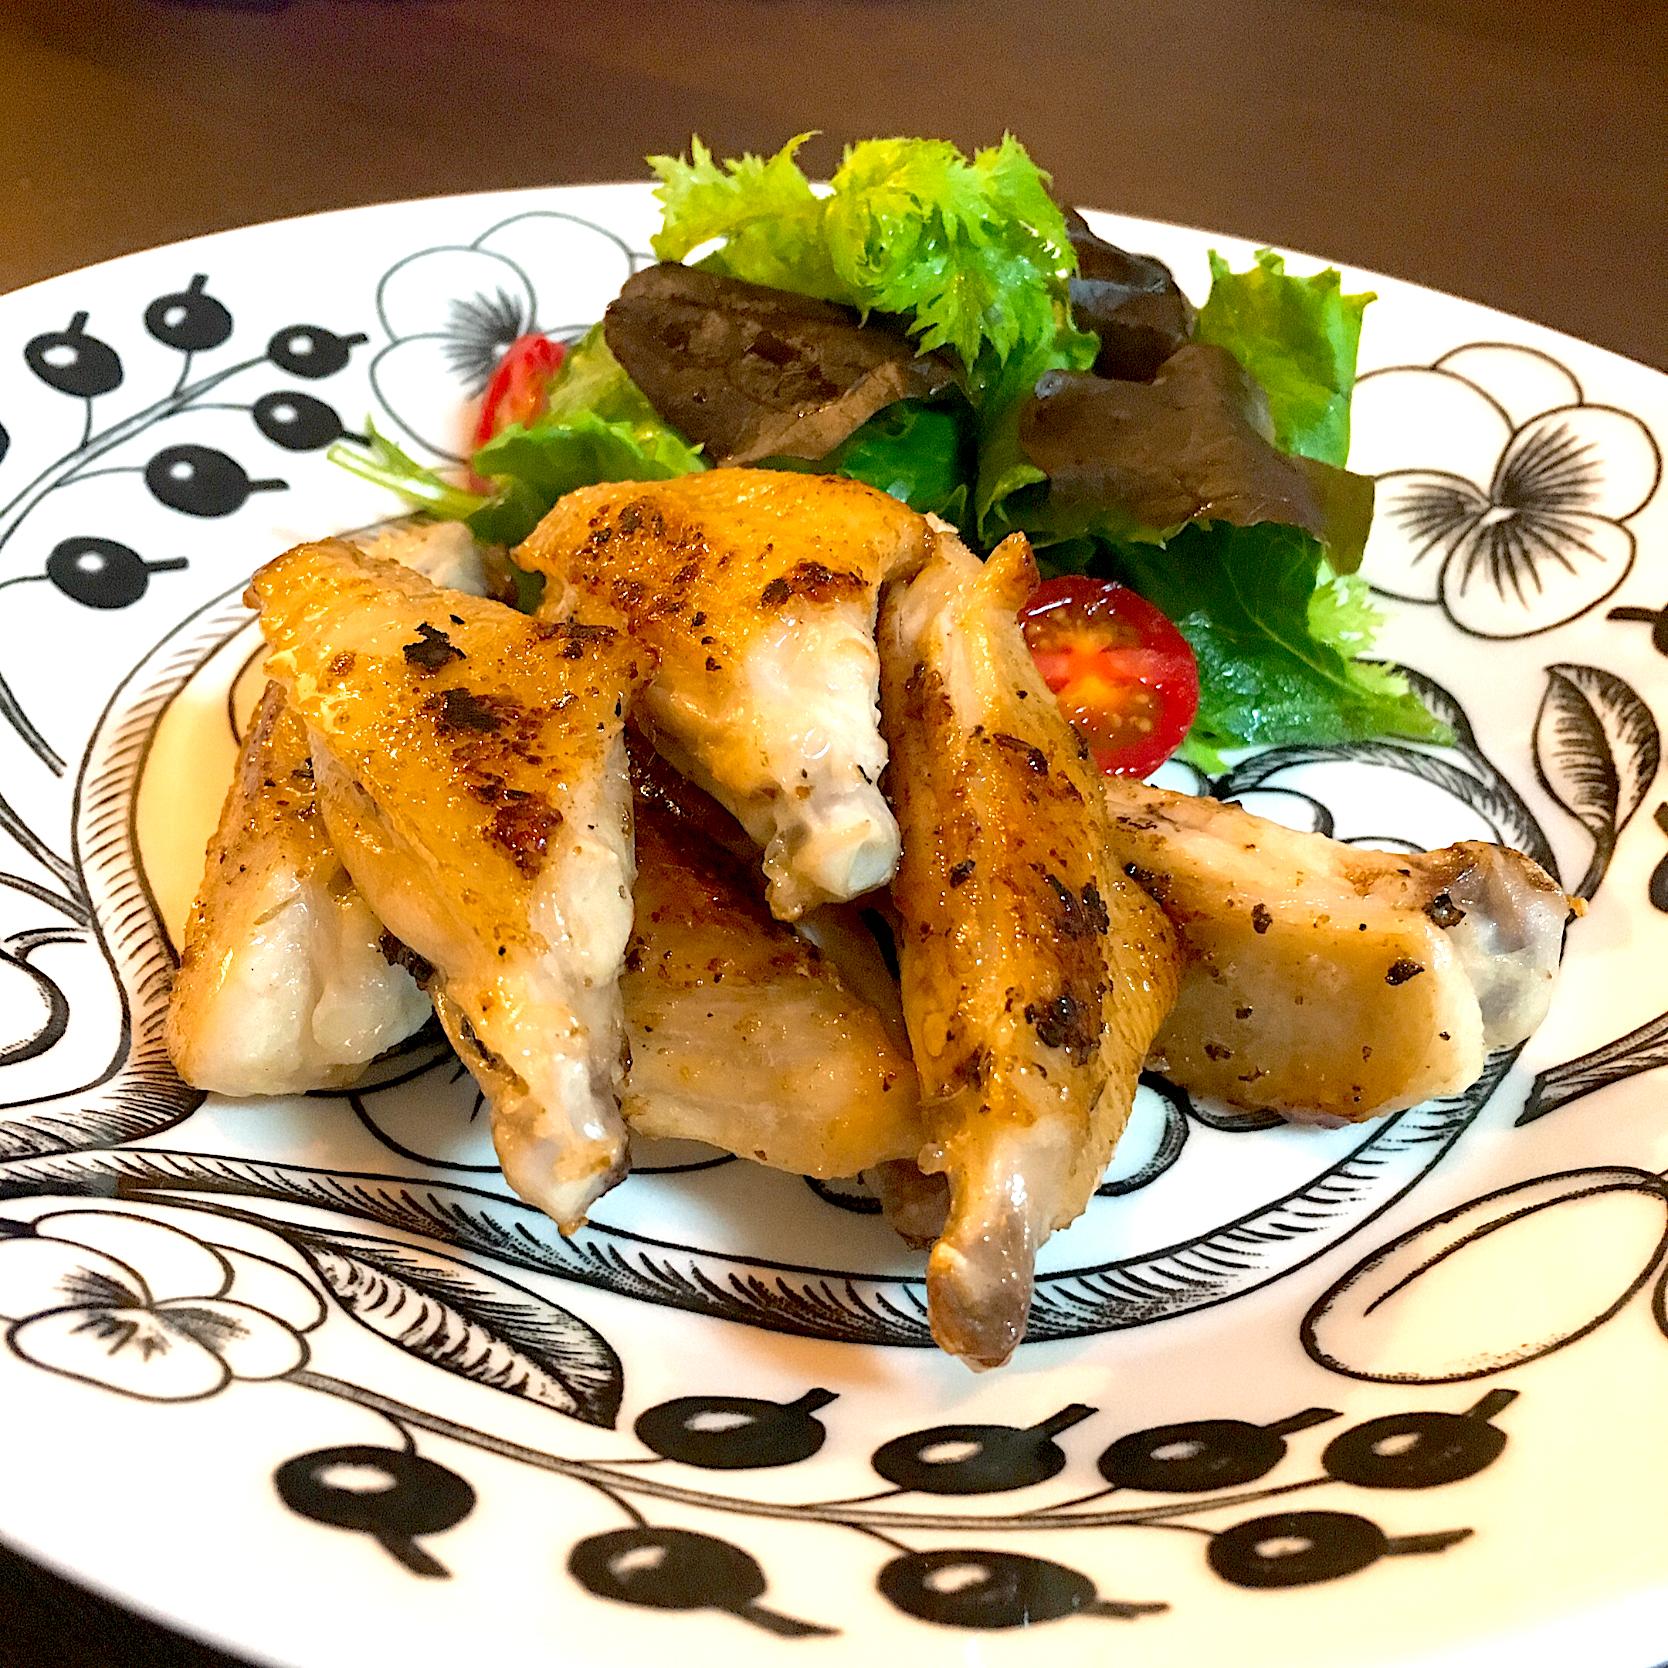 ソルト 鶏肉 クレイジー